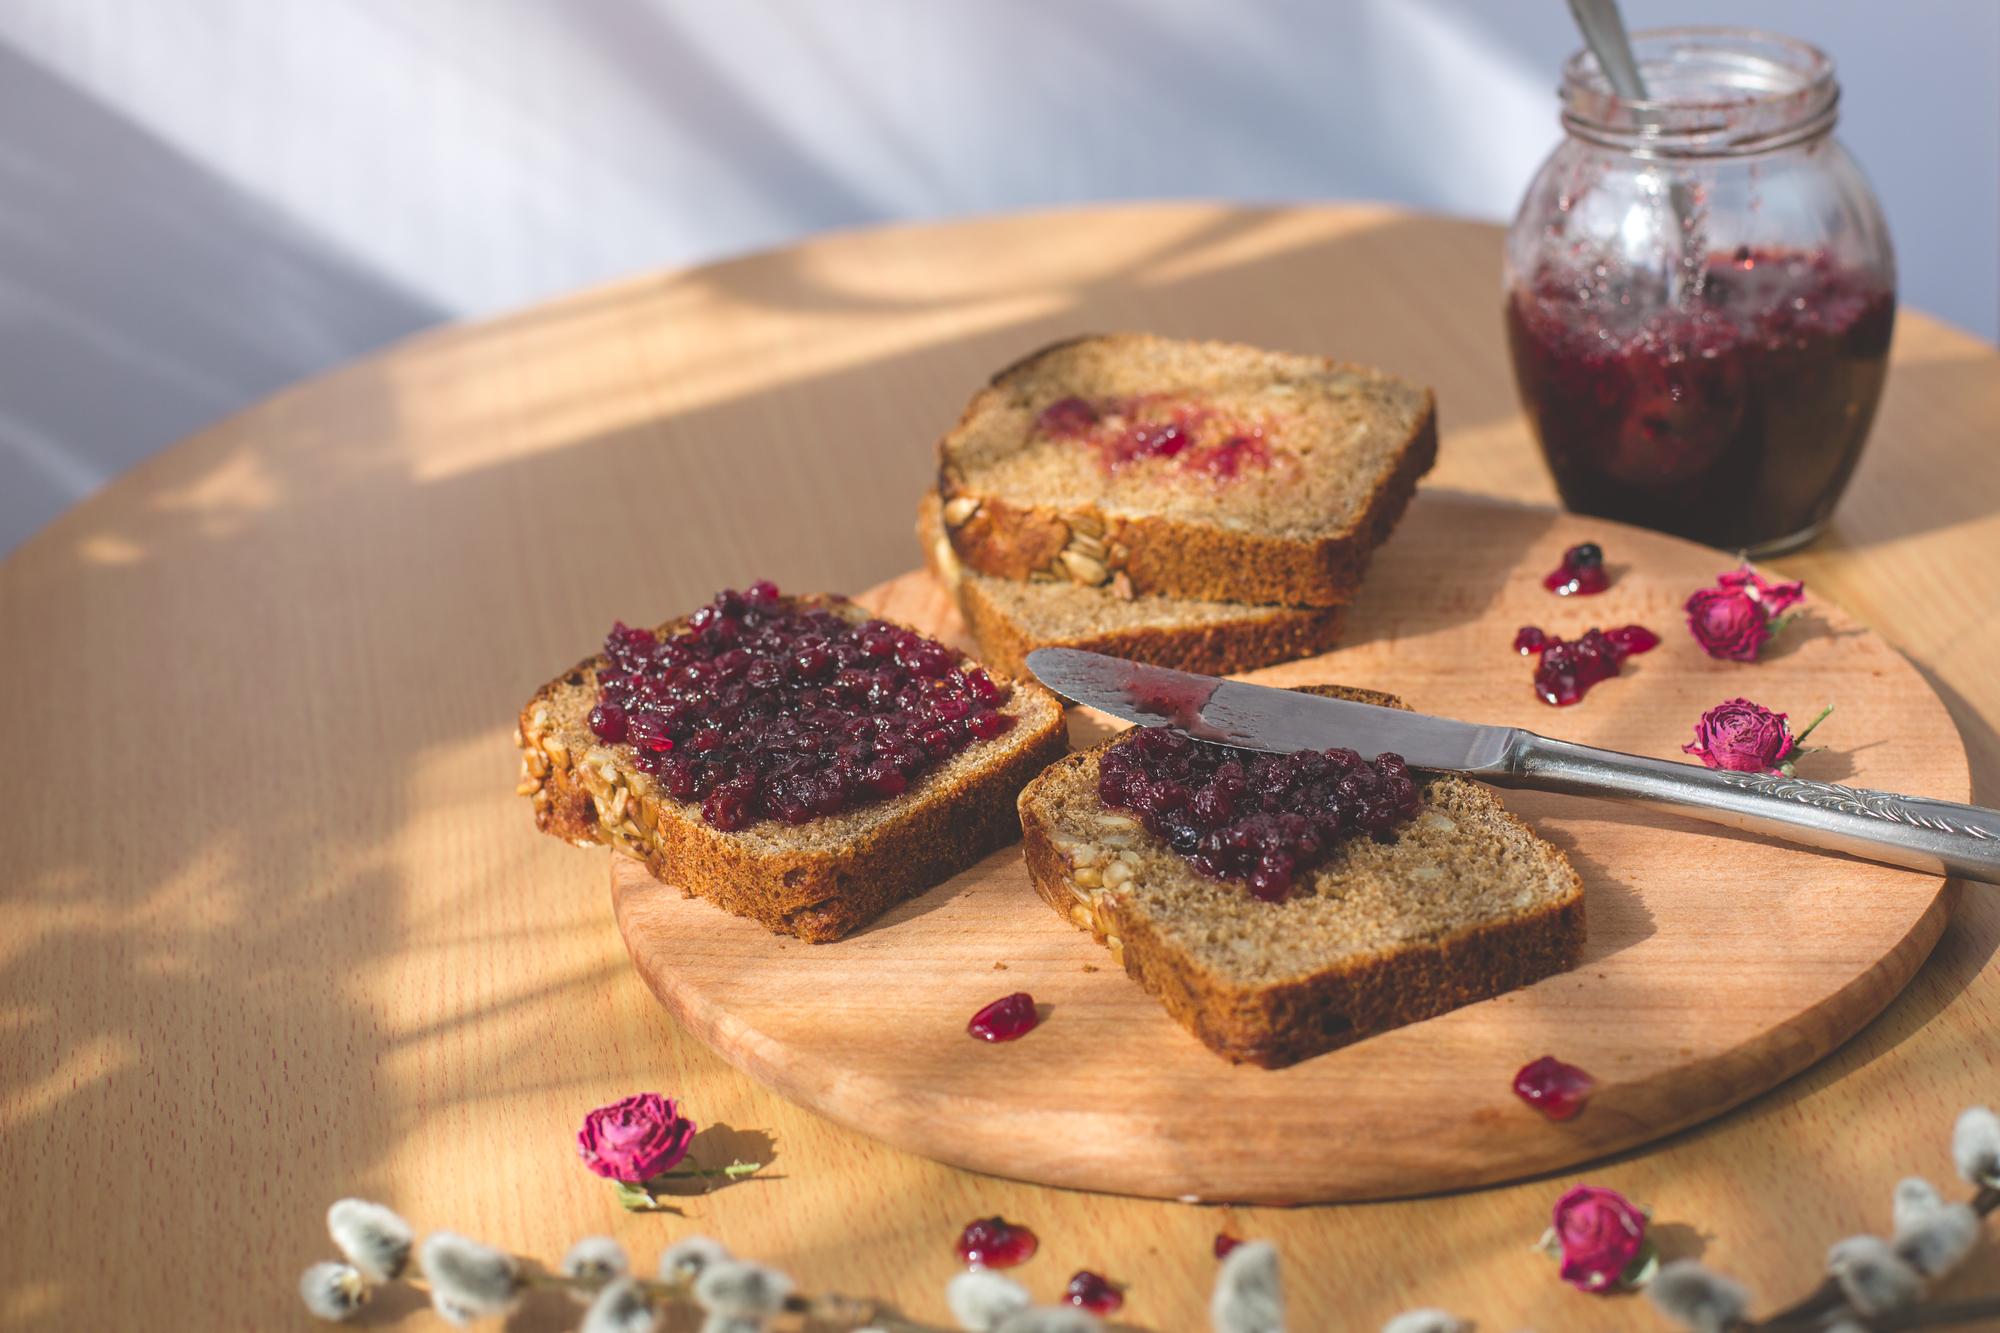 По сезону: Варенье и мед из лепестков чайной розы